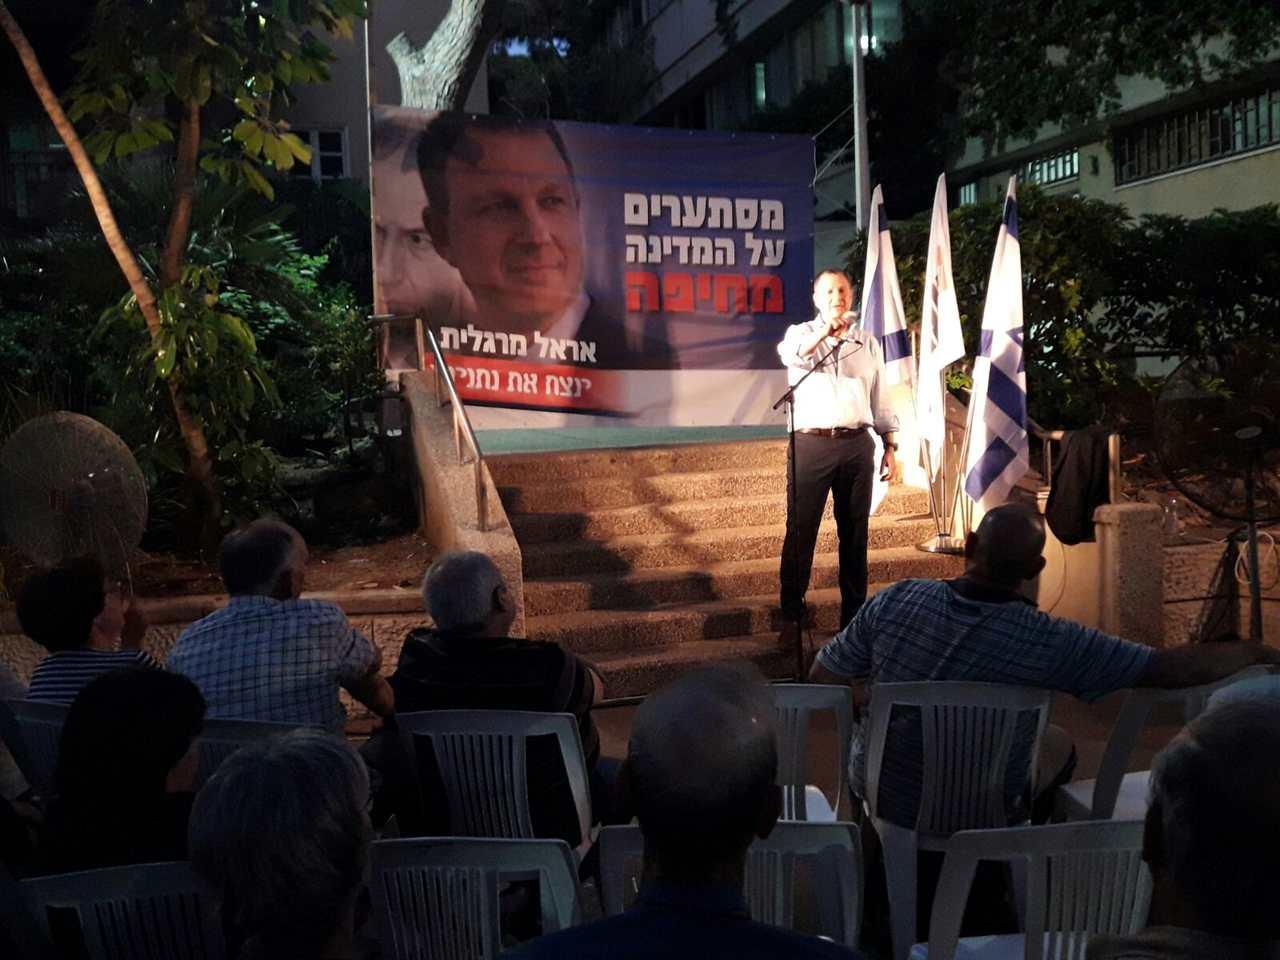 """ח""""כ אראל מרגלית בכנס בחיפה (צילום: דוברות ח""""כ מרגלית)"""